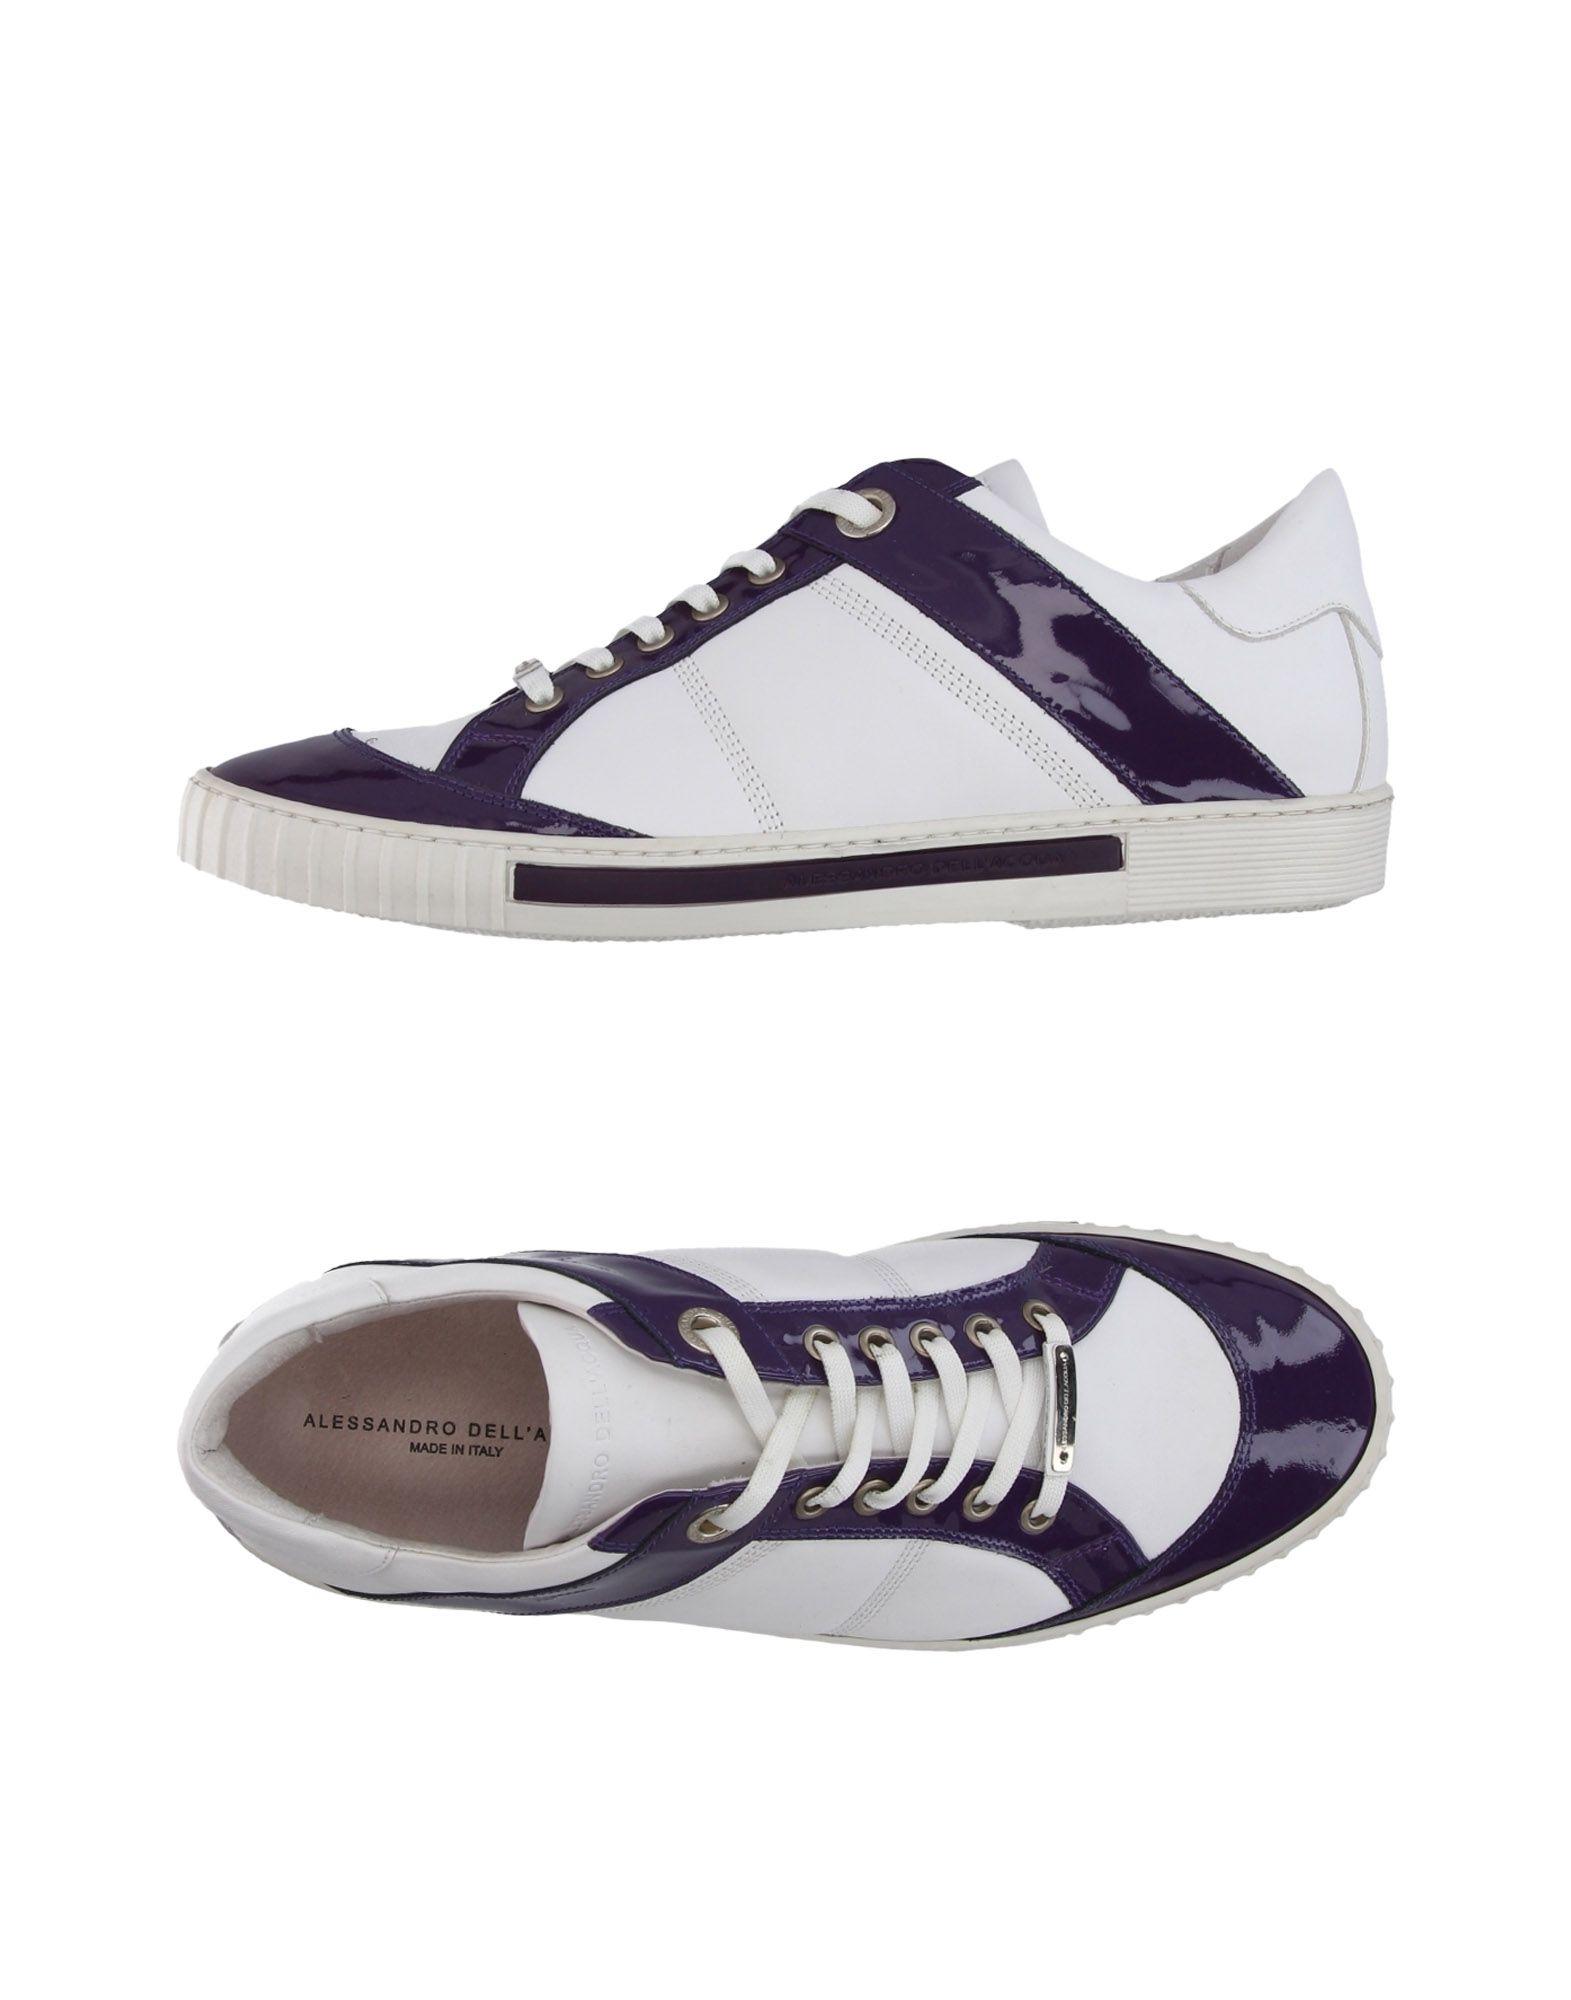 Alessandro Dell'acqua Sneakers Herren  11206978MJ